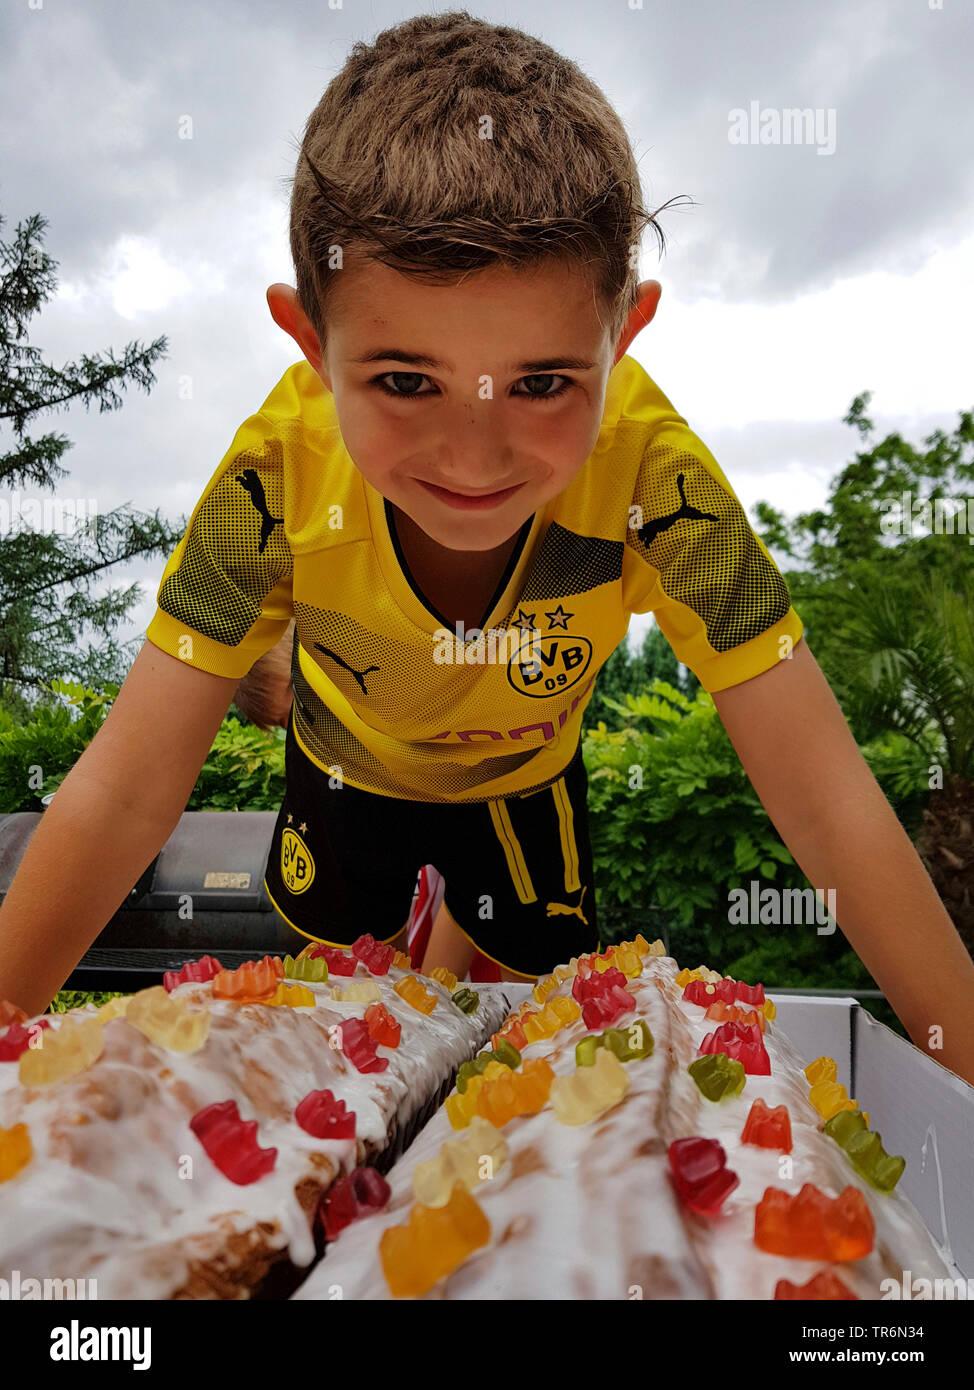 kleiner Junge in BVB-Dortmund-Fantrikot vor seinem Geburtstagskuchen | littler boy in BVB tricot with his birthday cake | BLWS487499.jpg [ (c) blickwi - Stock Image